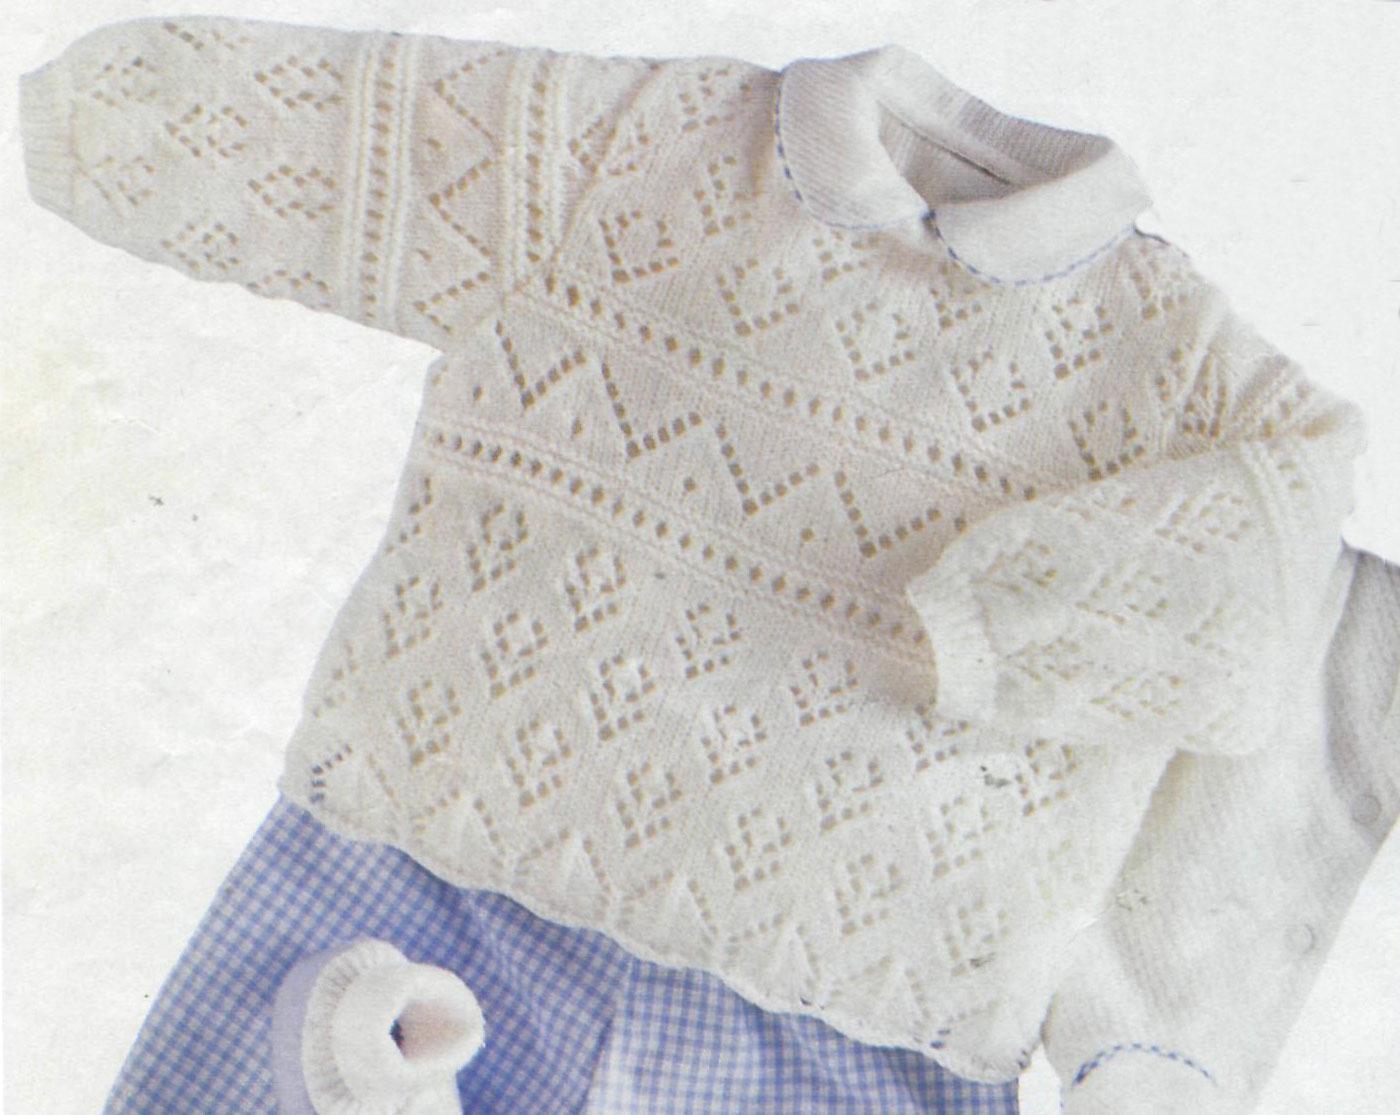 beyaz renkli acur modelli örgü bebek kazağı modeli